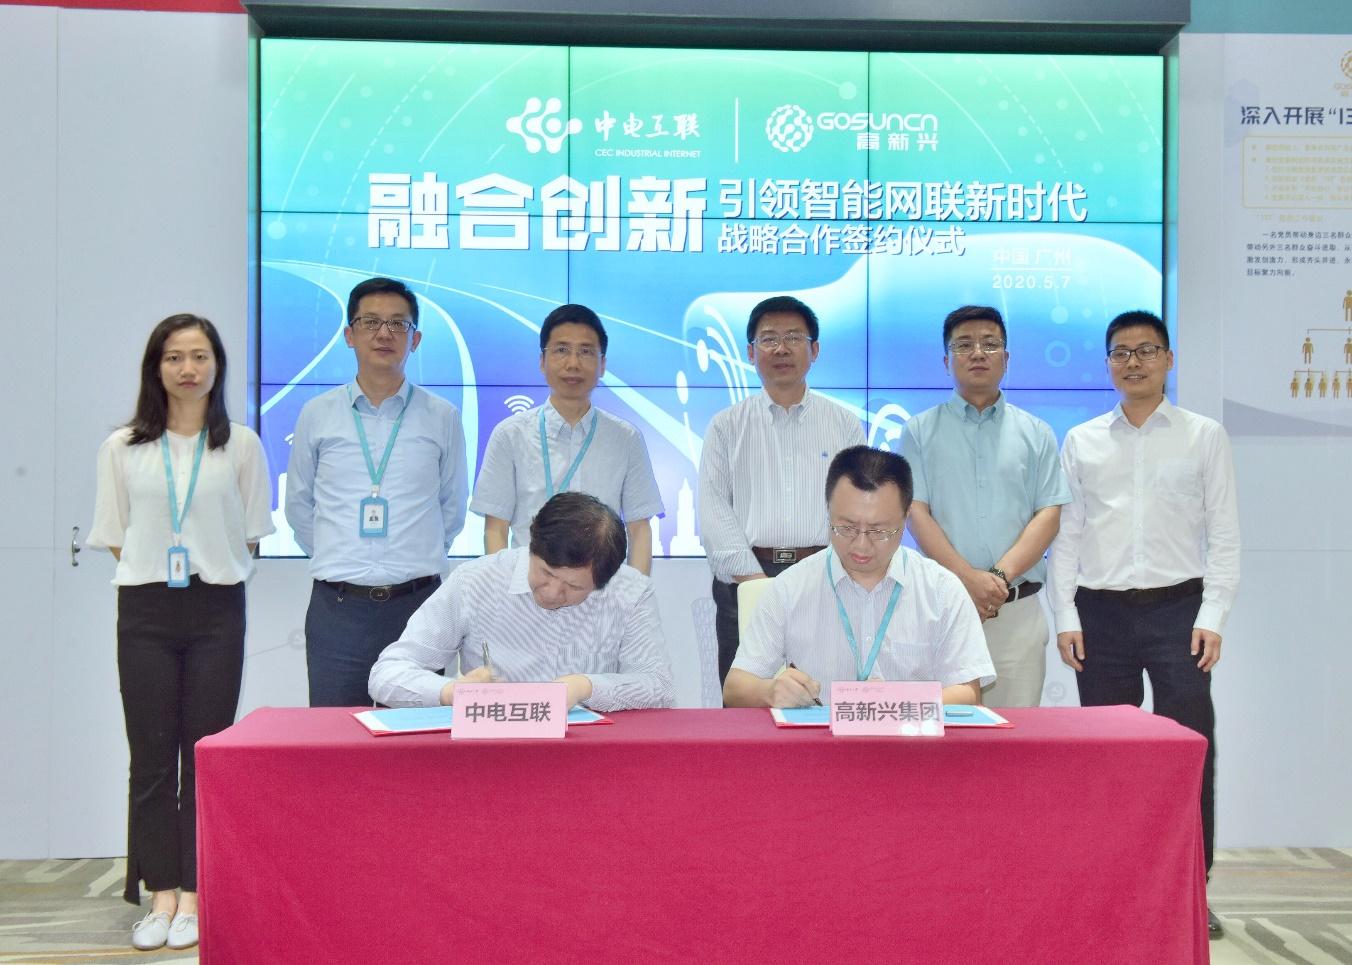 中电互联与高新兴达成战略合作,引领汽车智能新时代!